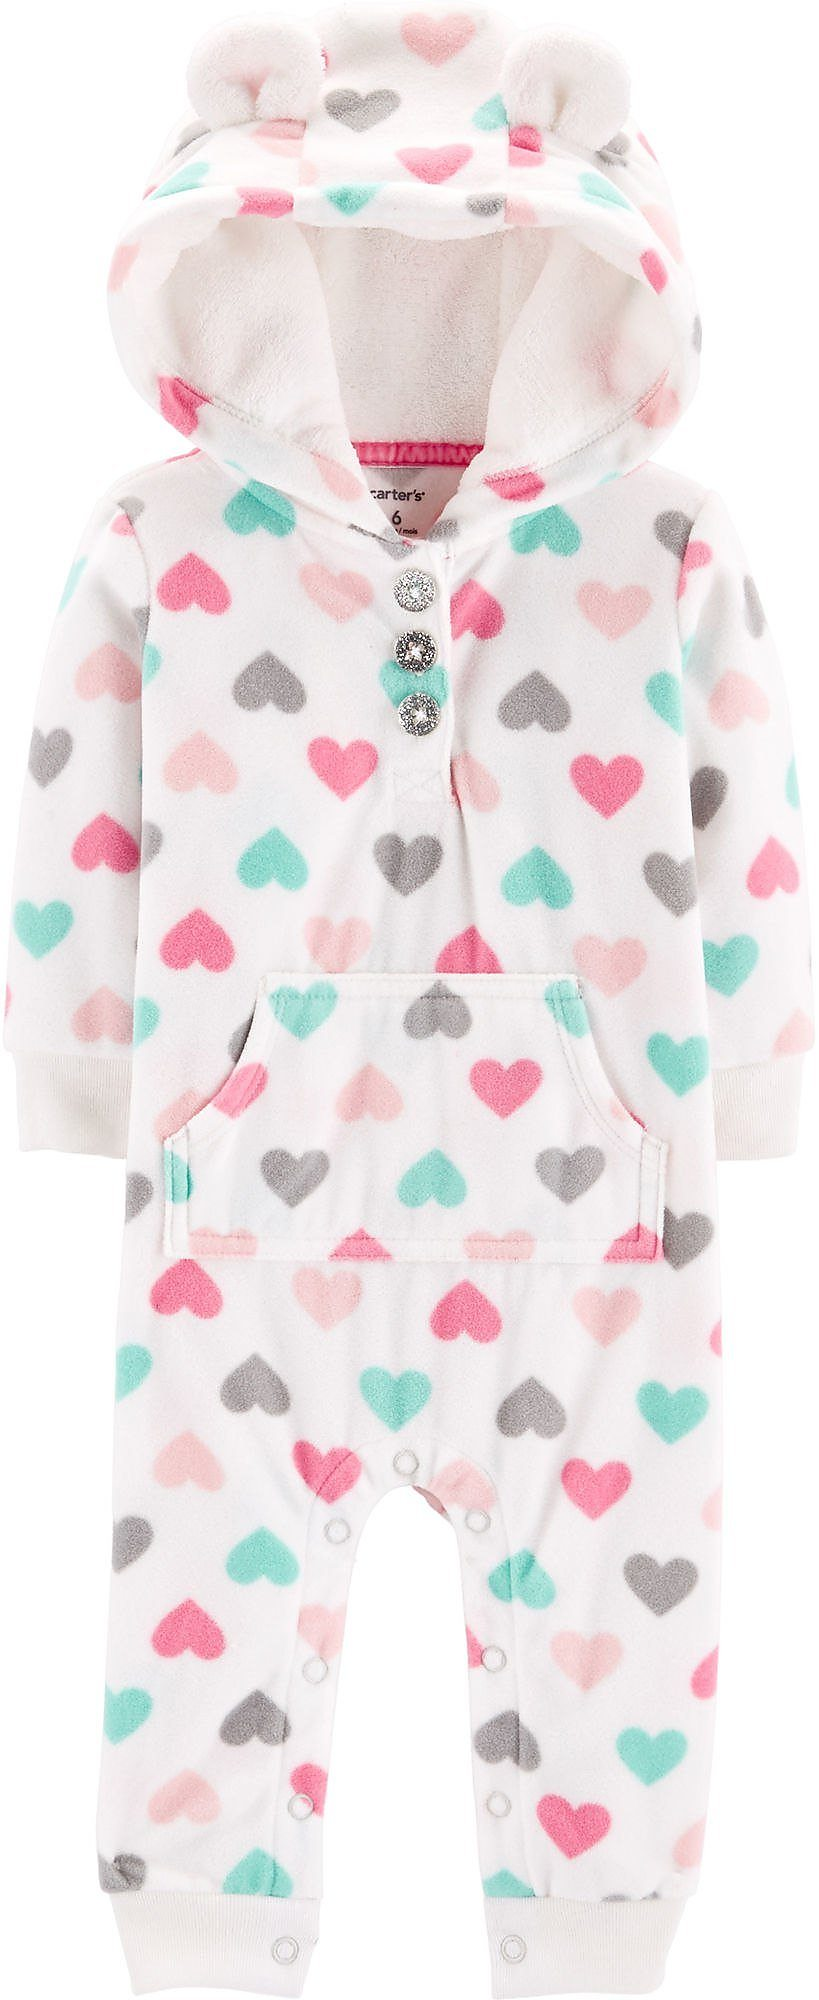 cff80d258d2 Carters Baby Girls Heart Print Fleece Hooded Jumpsuit